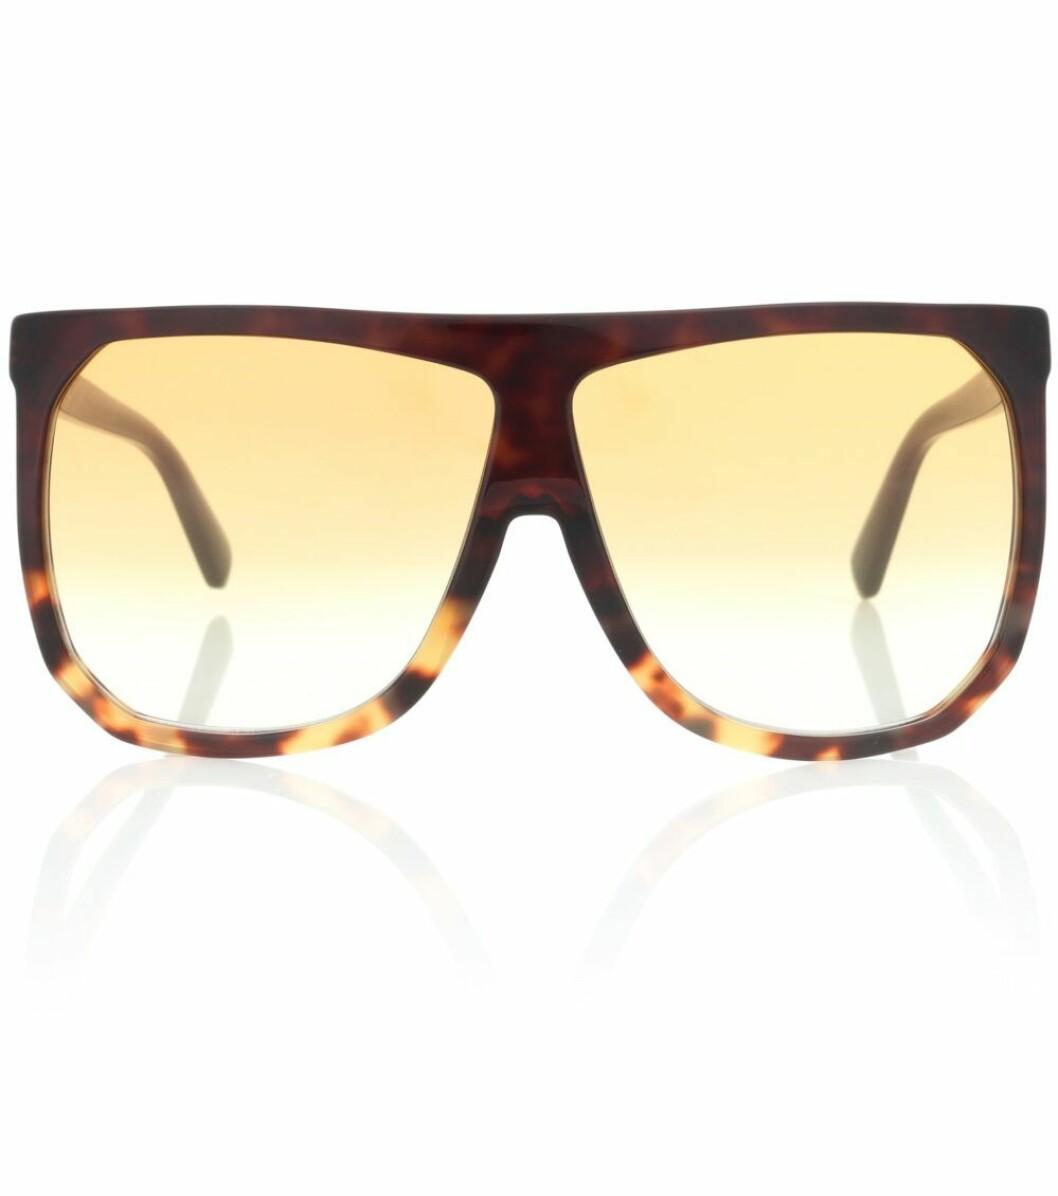 Bruna stora solglasögon med mönster från Loewe.